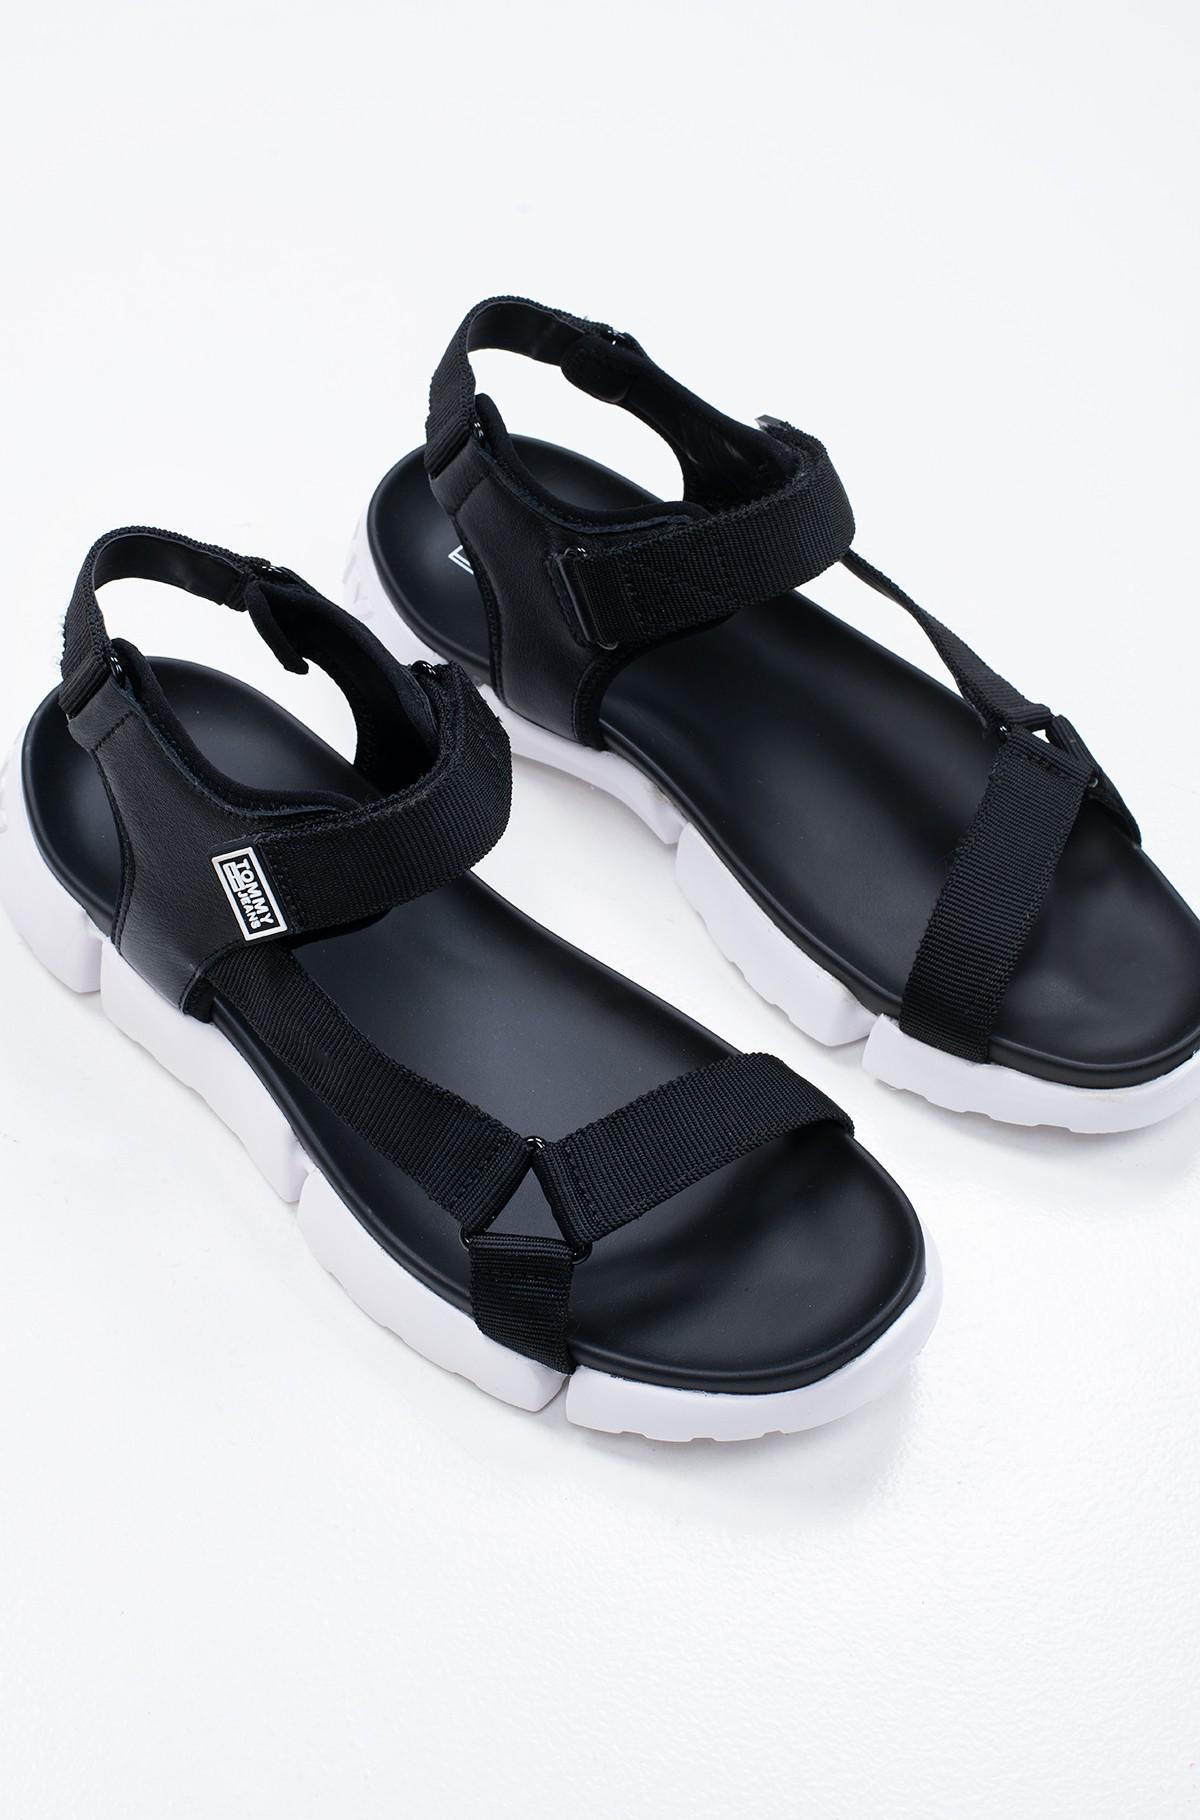 Sandals CHUNKY SANDAL-full-1